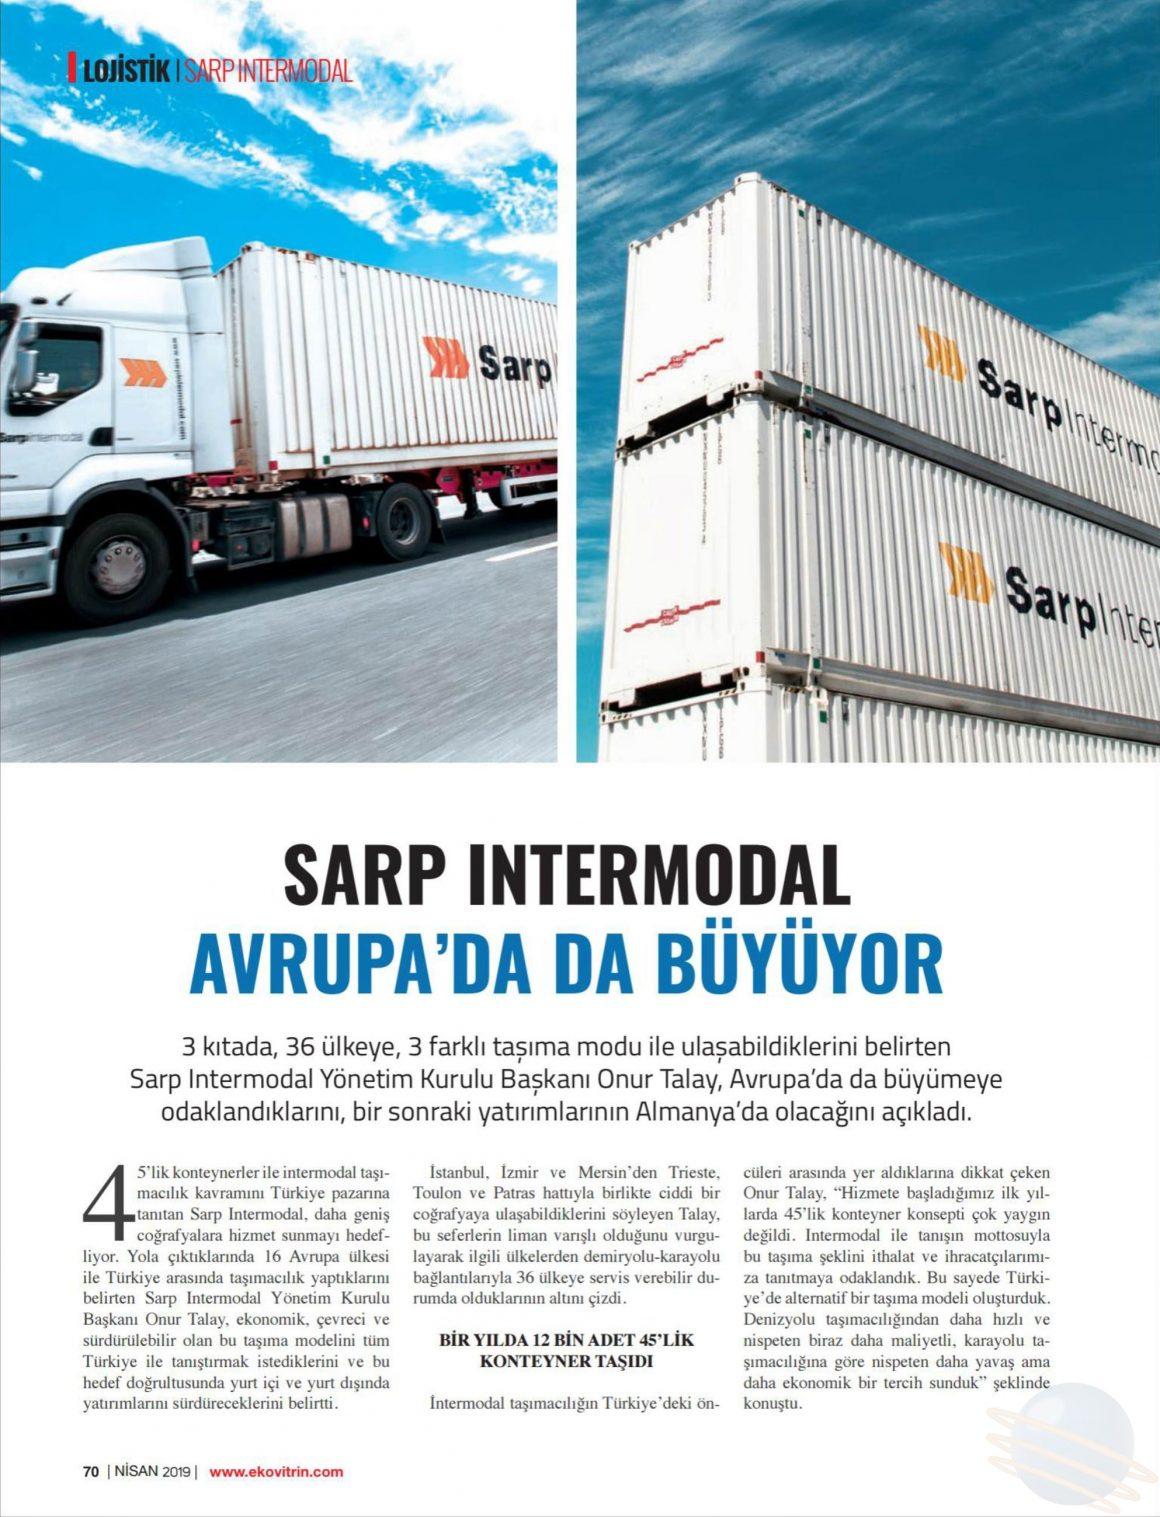 Sarp Intermodal Avrupa'da da Büyüyor // Ekovitrin